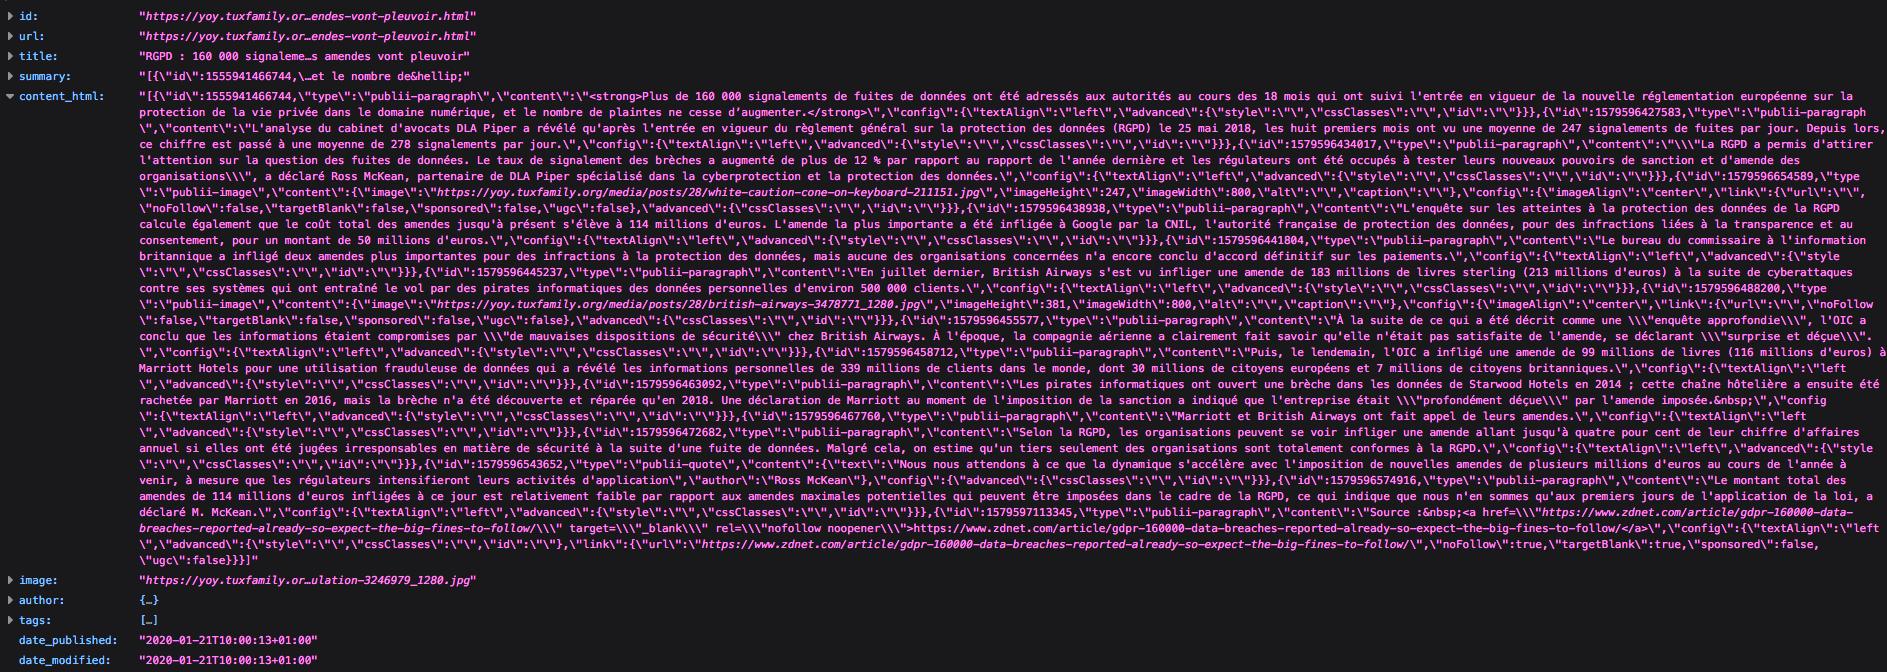 Capture-d'écran-2020-04-08-à-21.49.49